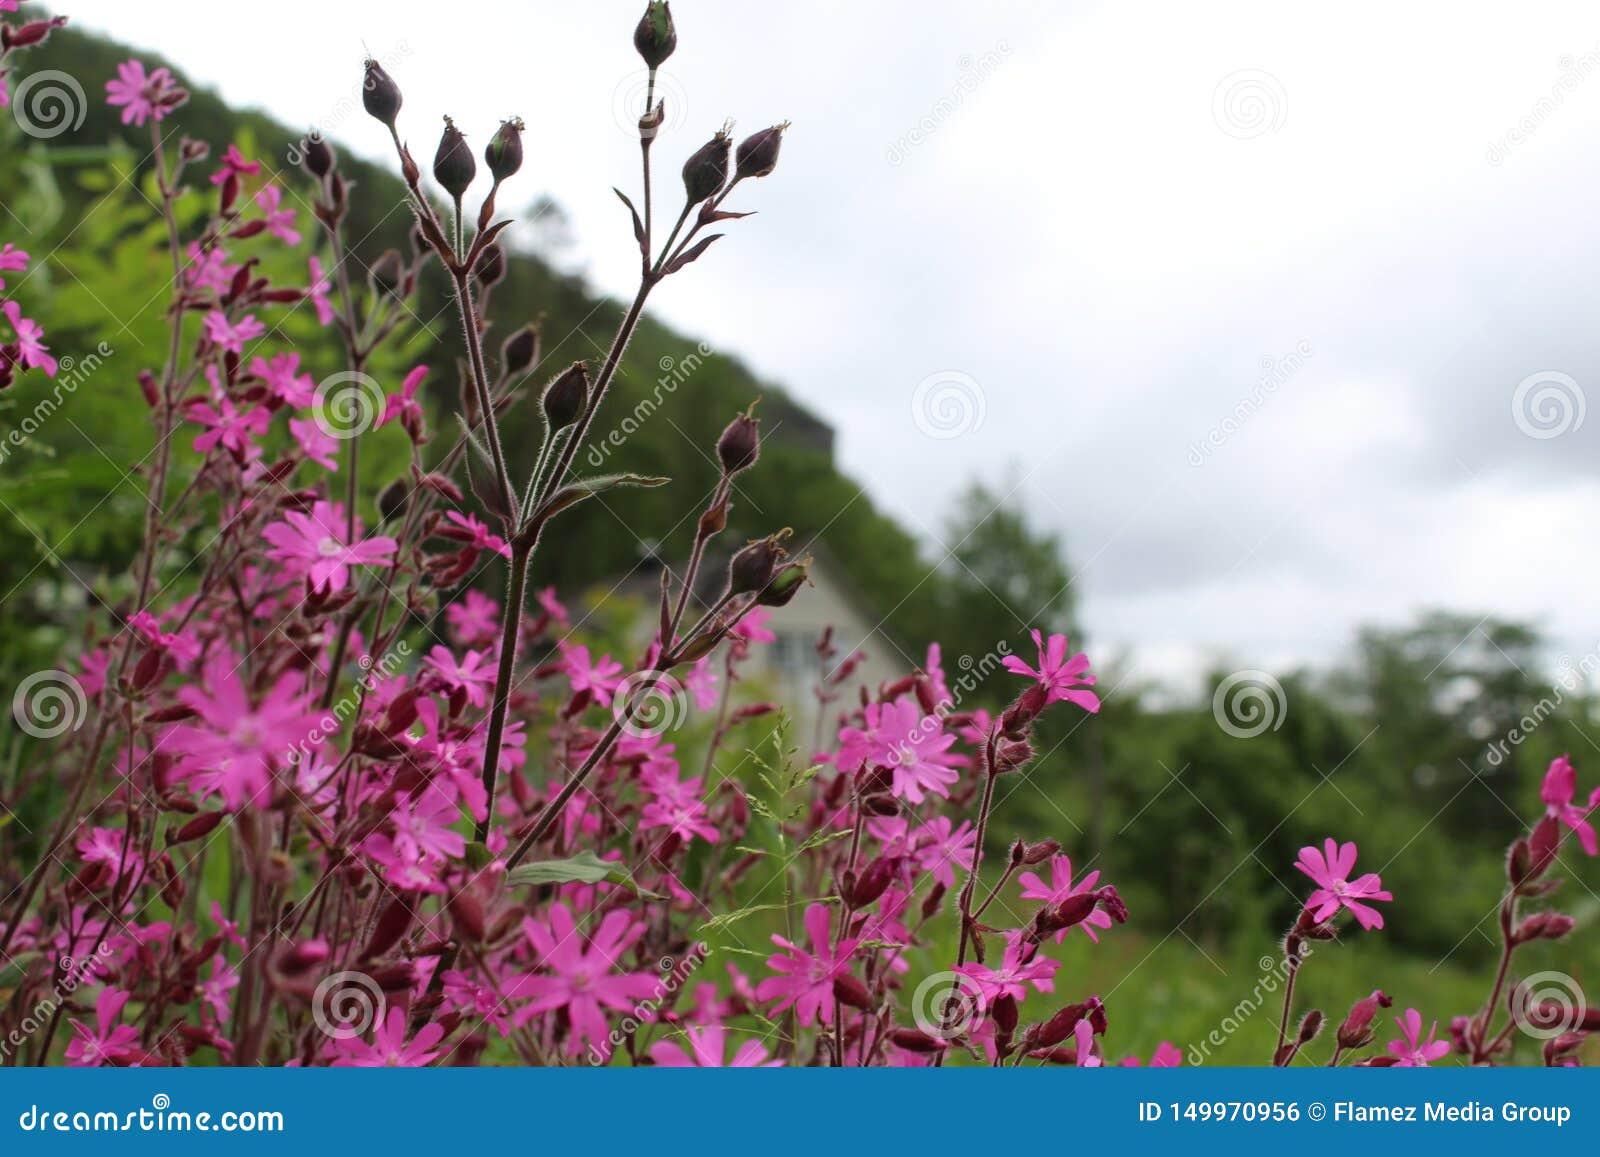 Όμορφο λουλούδι, σκανδιναβικά, παρουσίαση